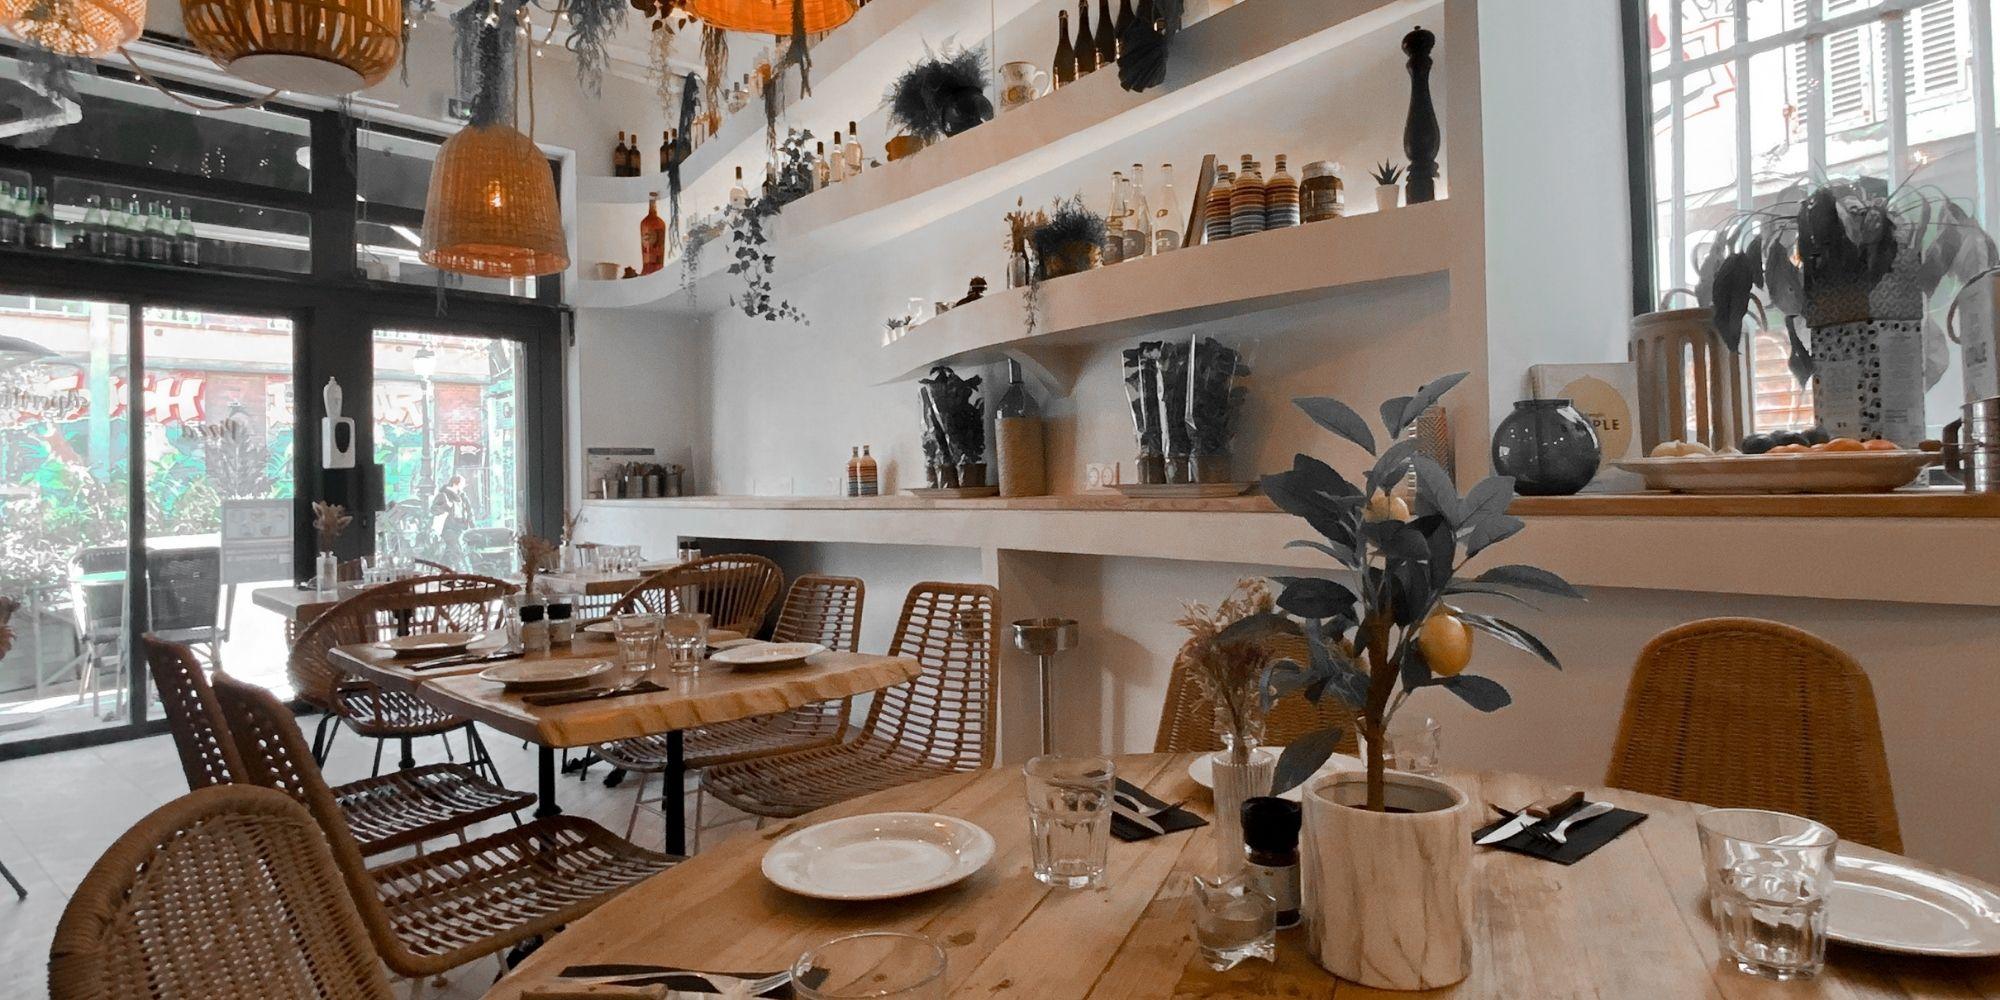 Brunch La Salle A Manger 13006 Marseille Oubruncher